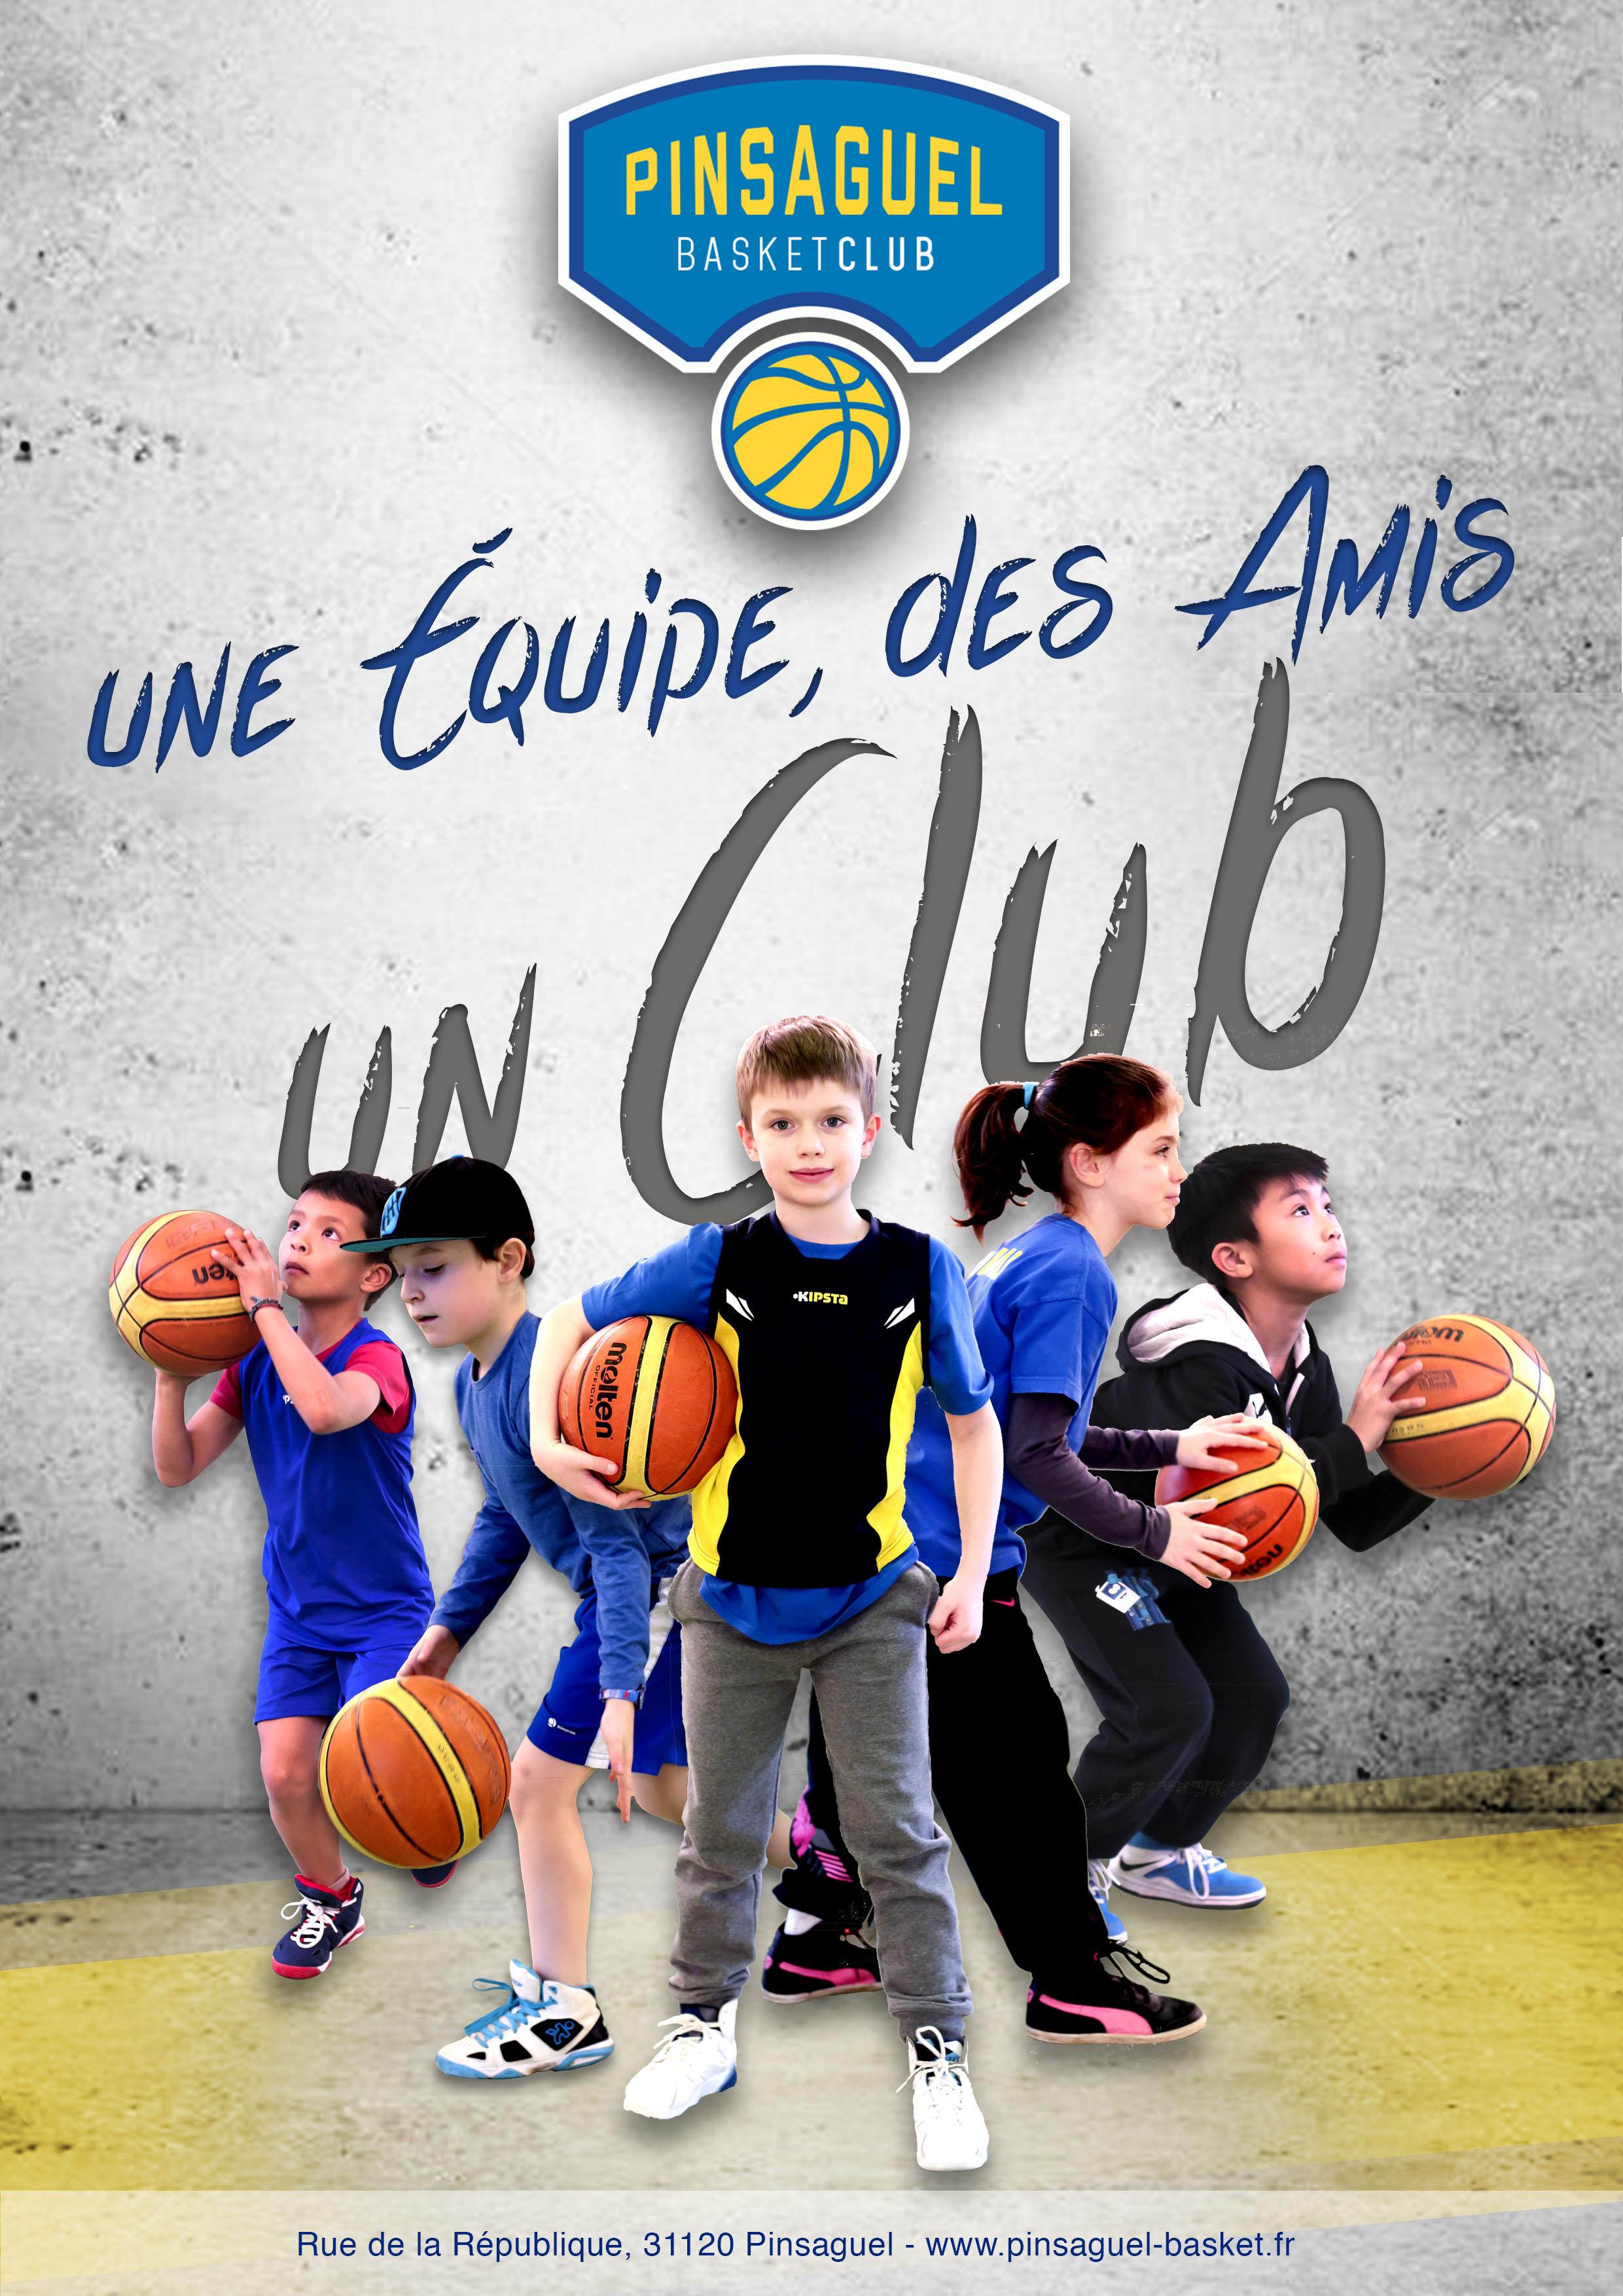 Affiche de présentation du club de basket de Pinsaguel